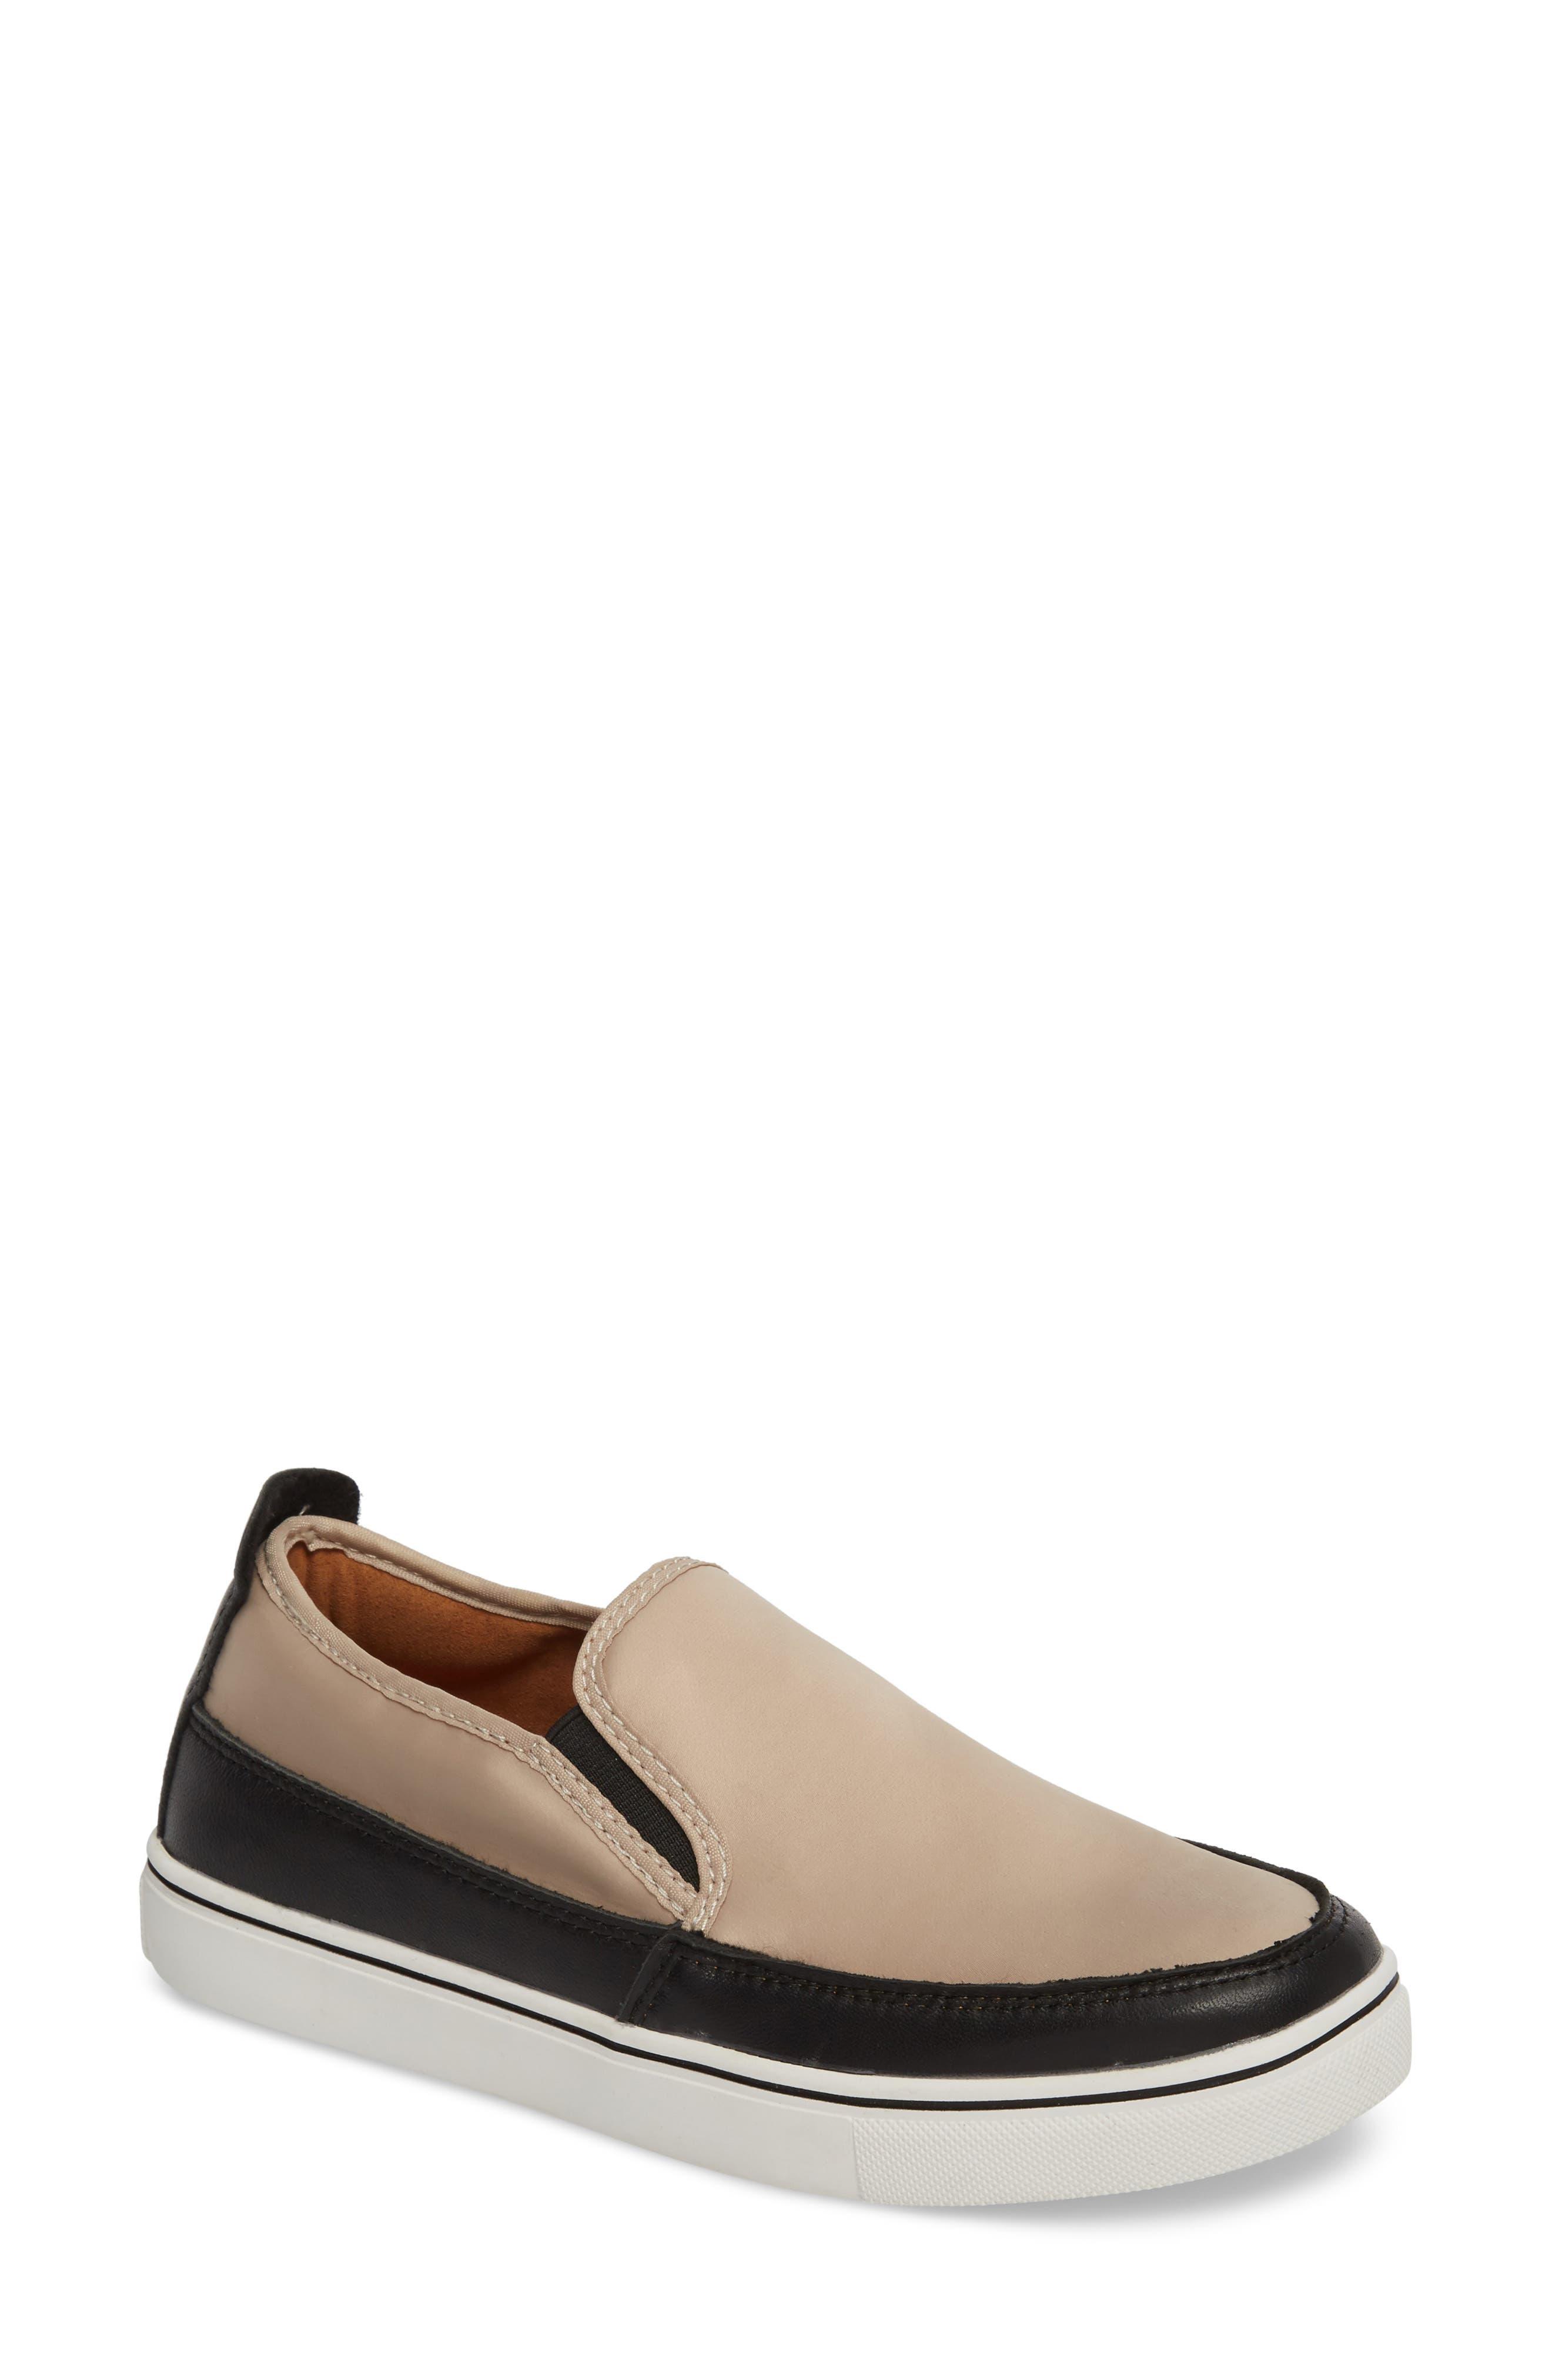 Bernie Mev. Double Gore Sneaker, Beige